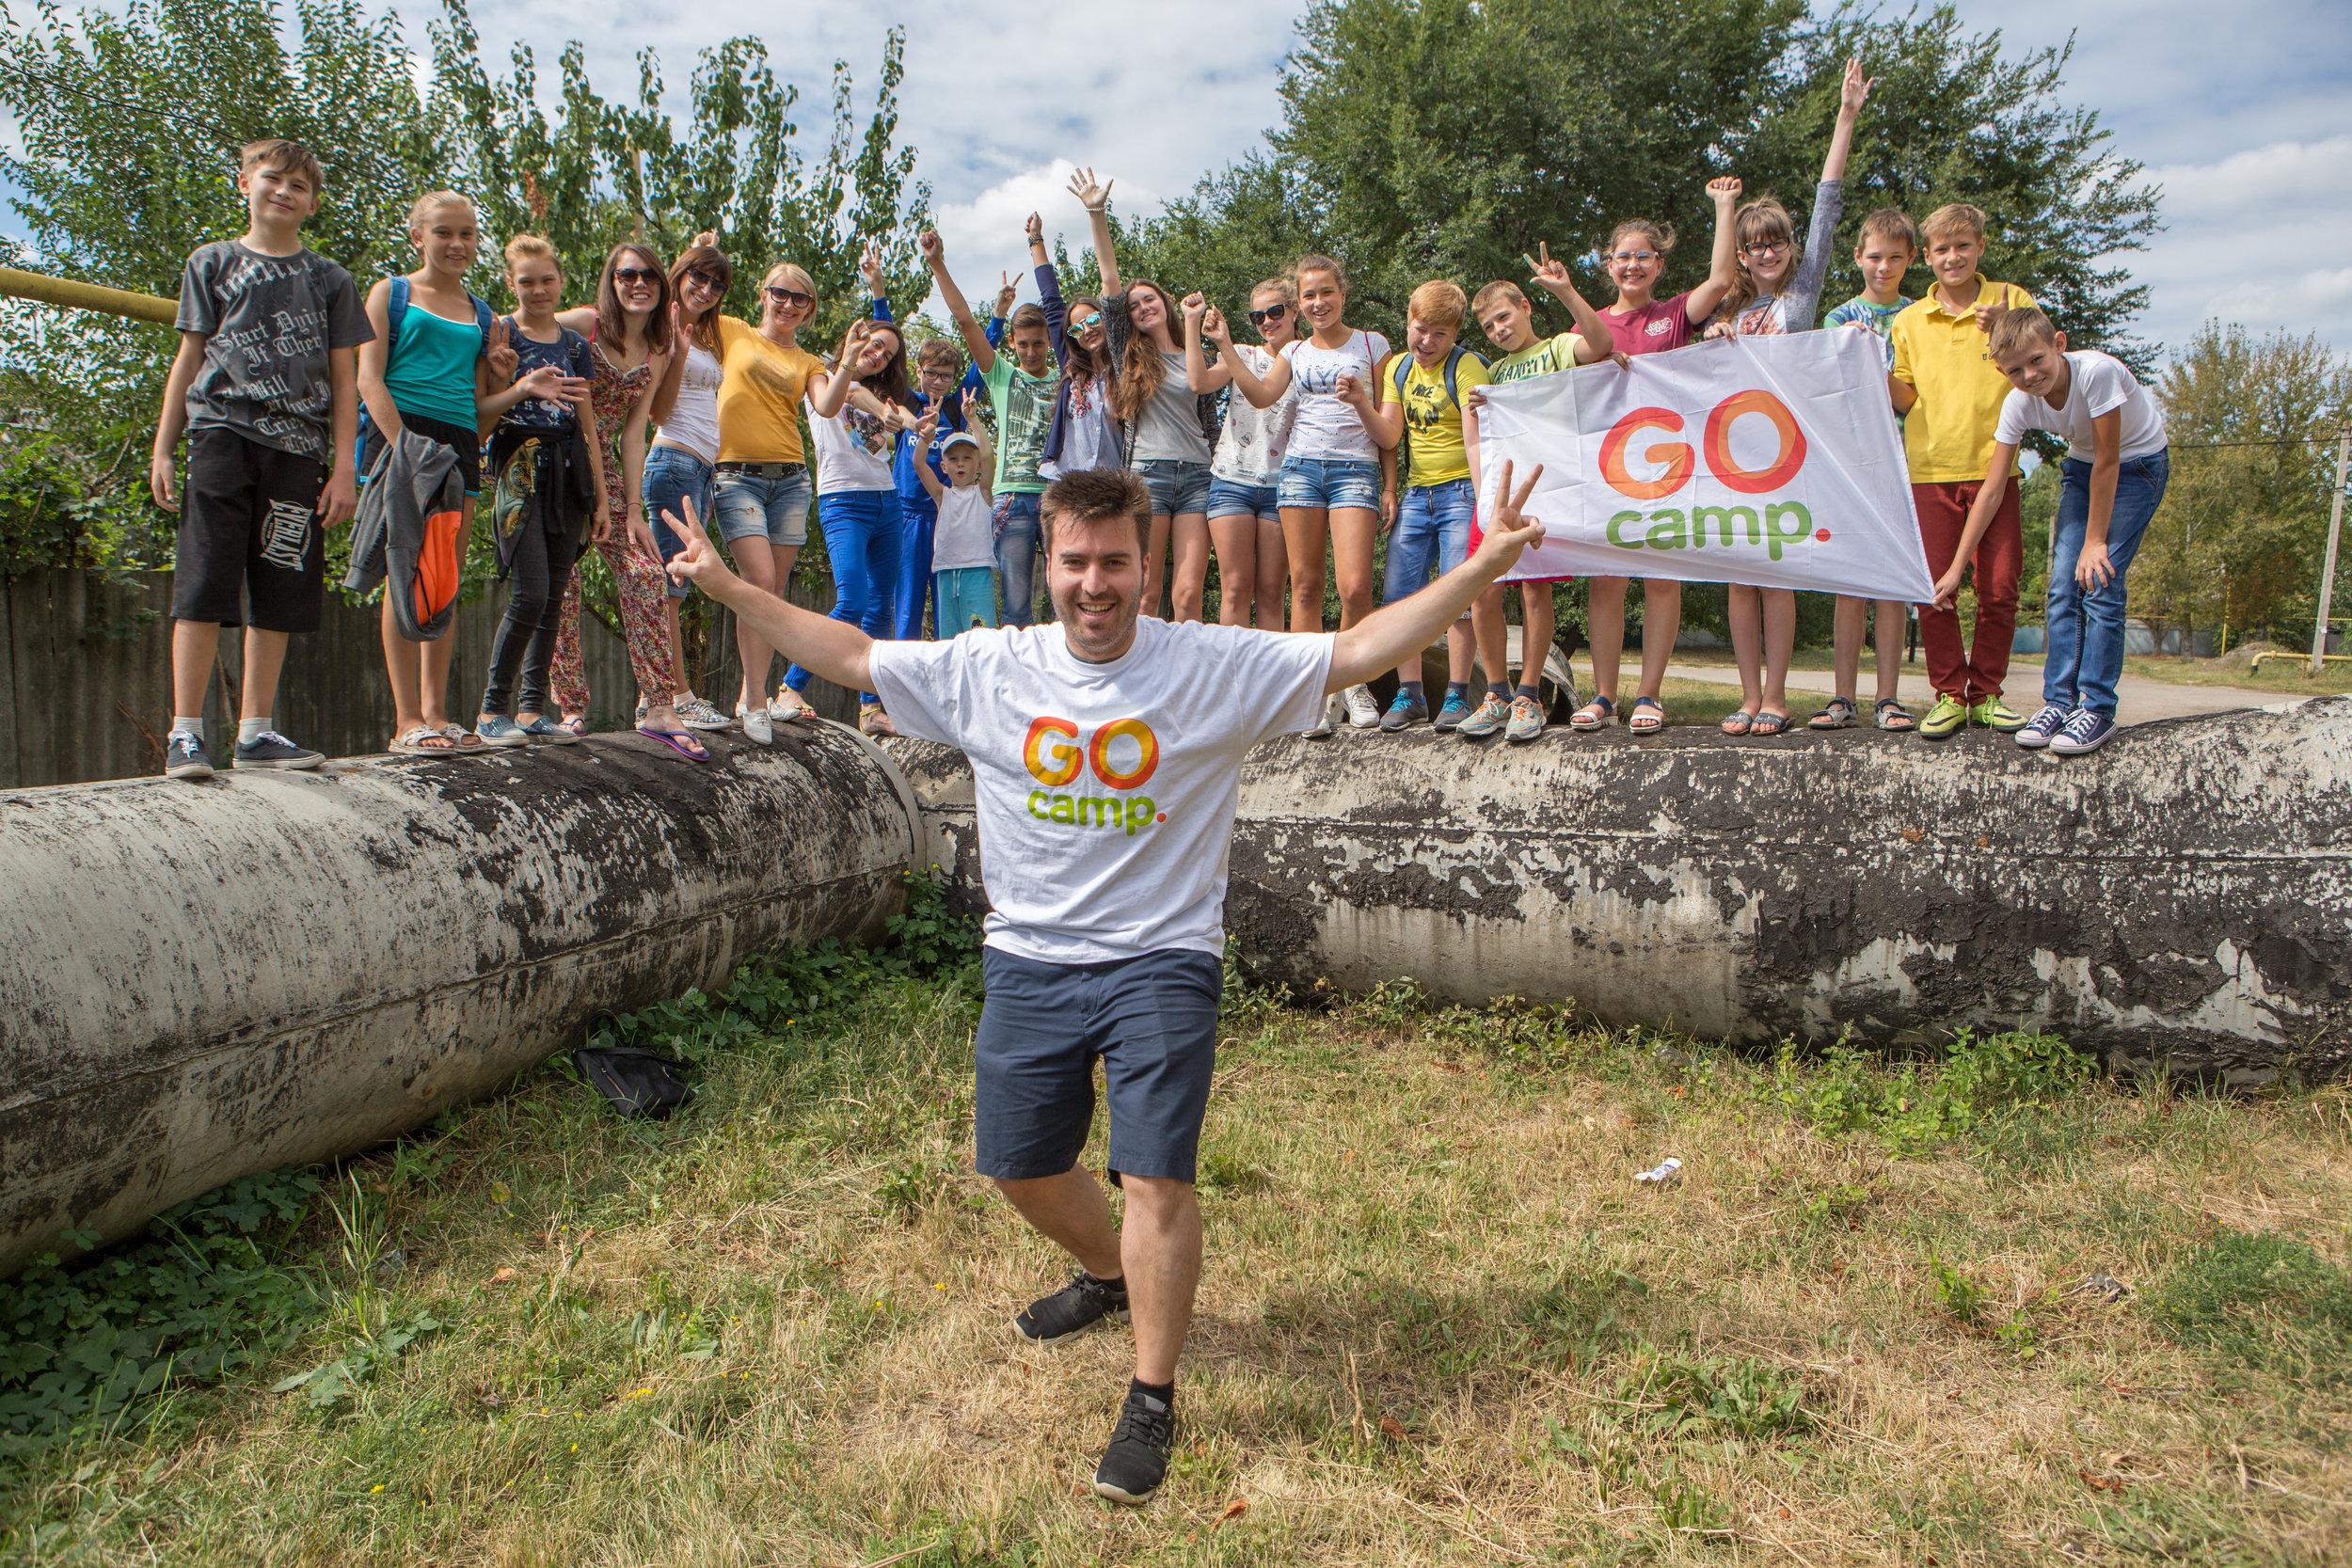 GO camp in Ukraine